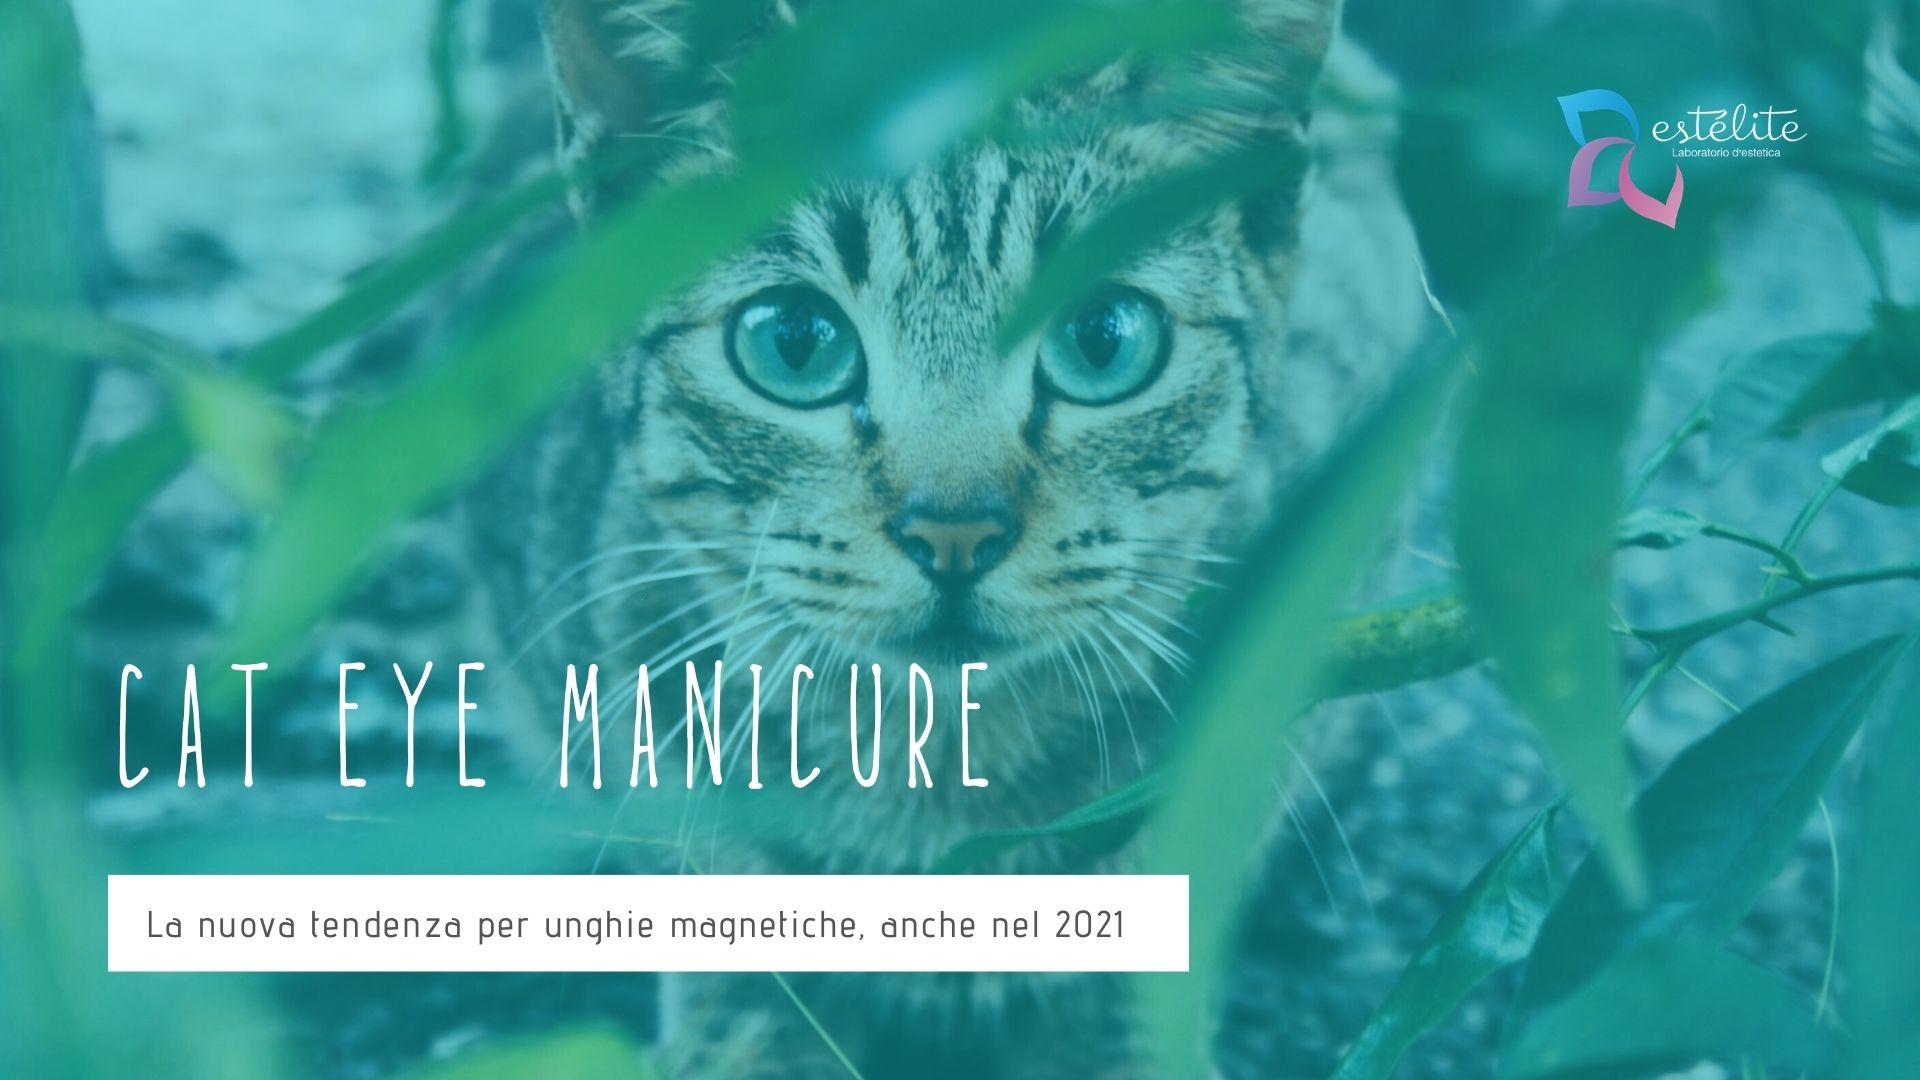 Cat Eye Manicure